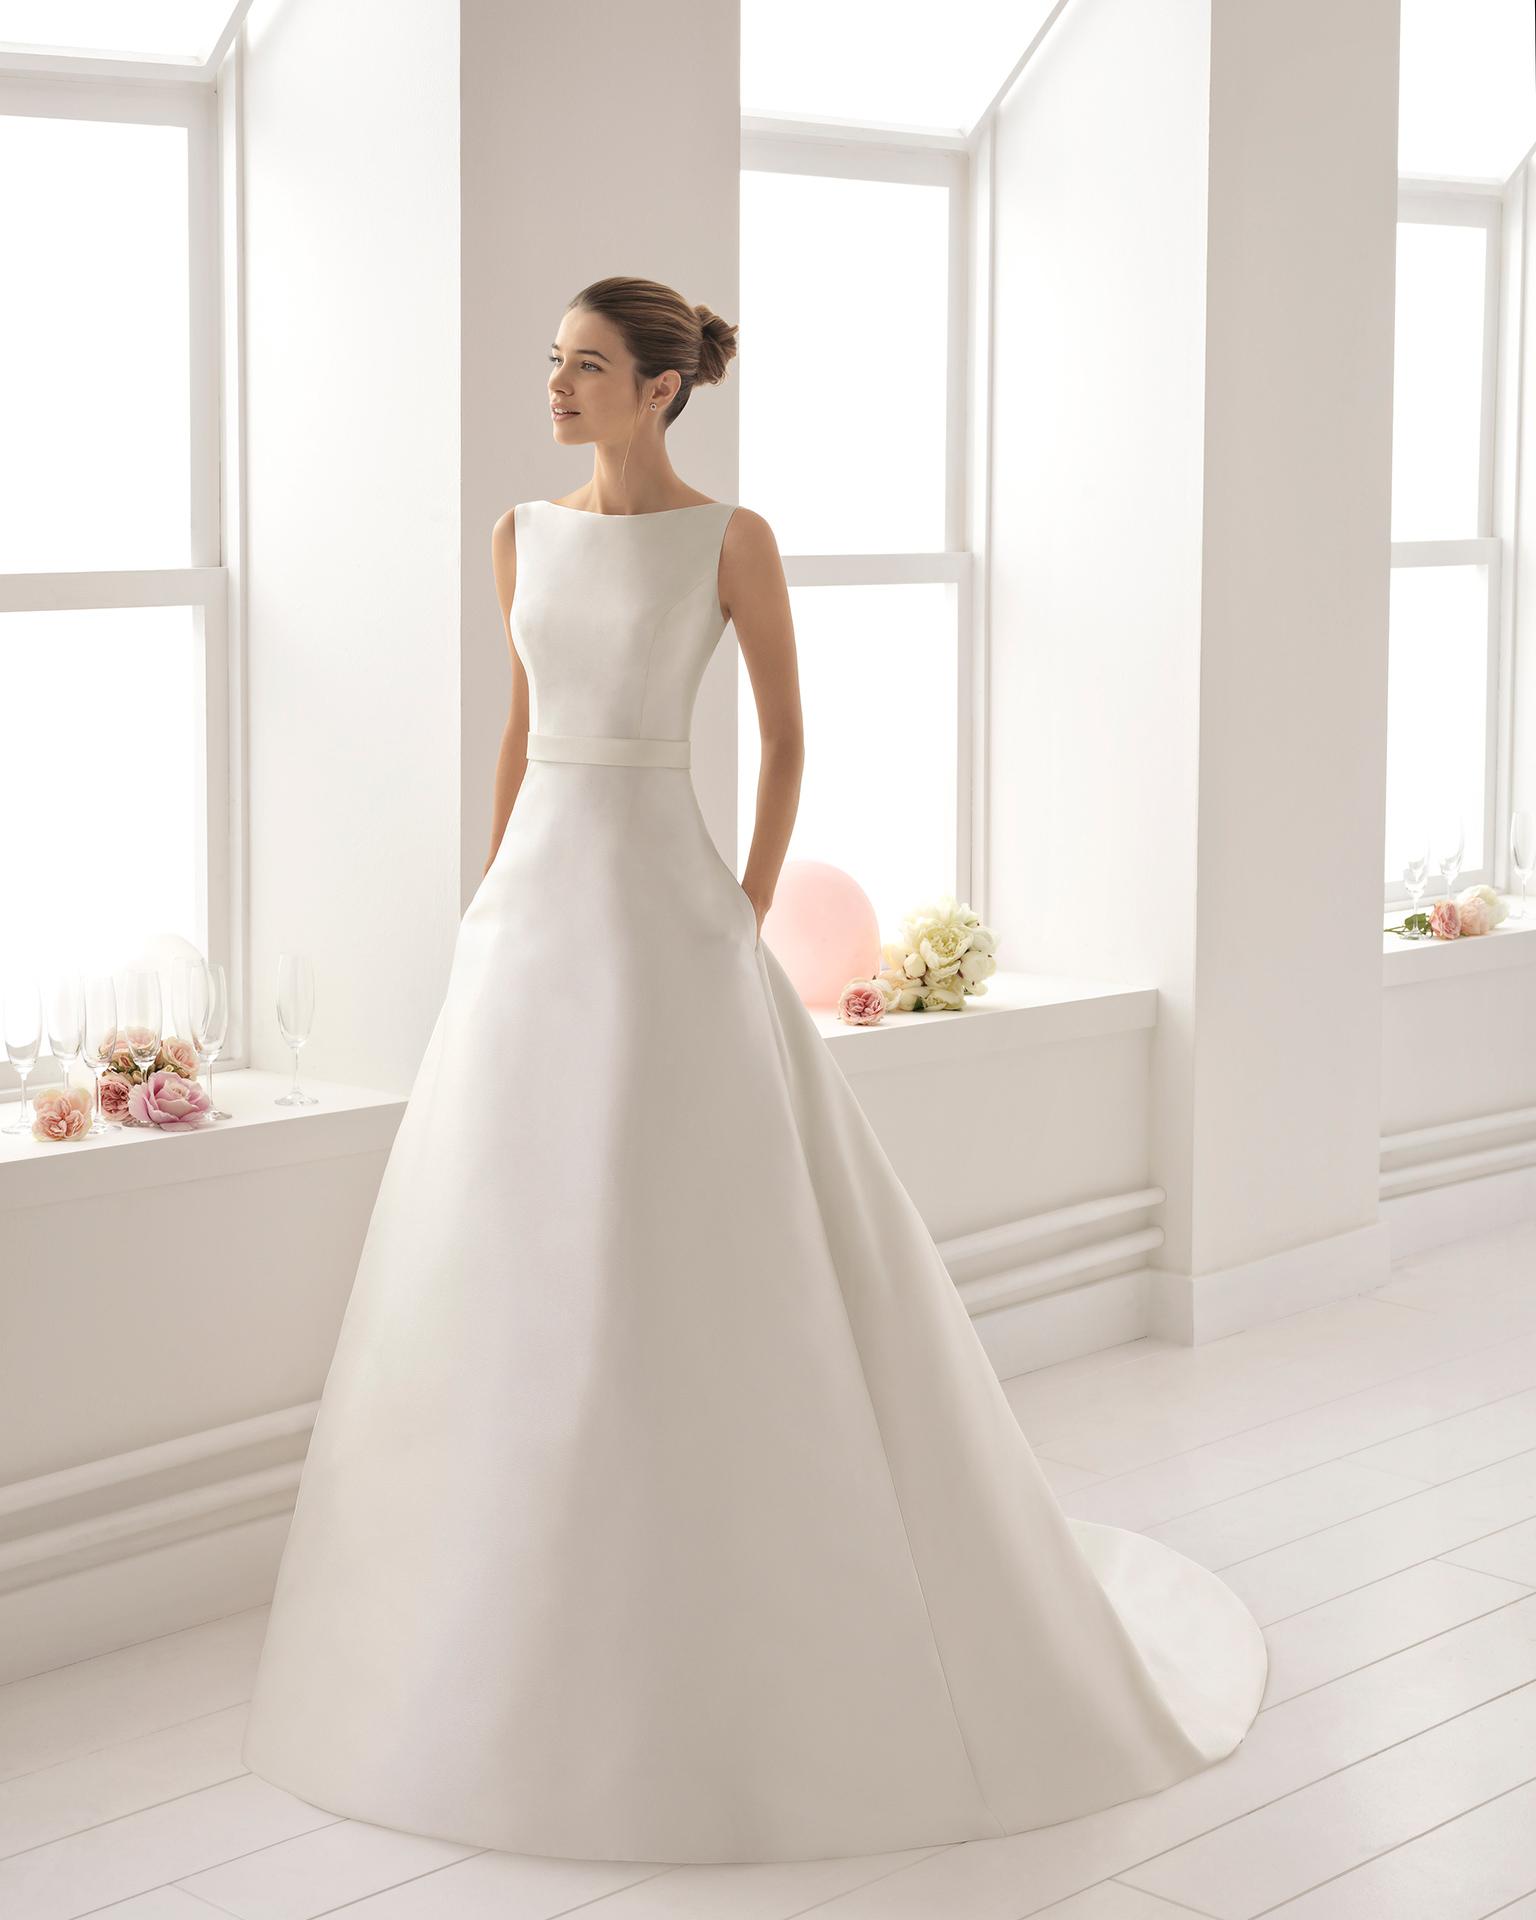 Vestido de novia estilo clásico en mikado con escote barco con espalda de encaje y pedreria con lazo trasero en color marfil.